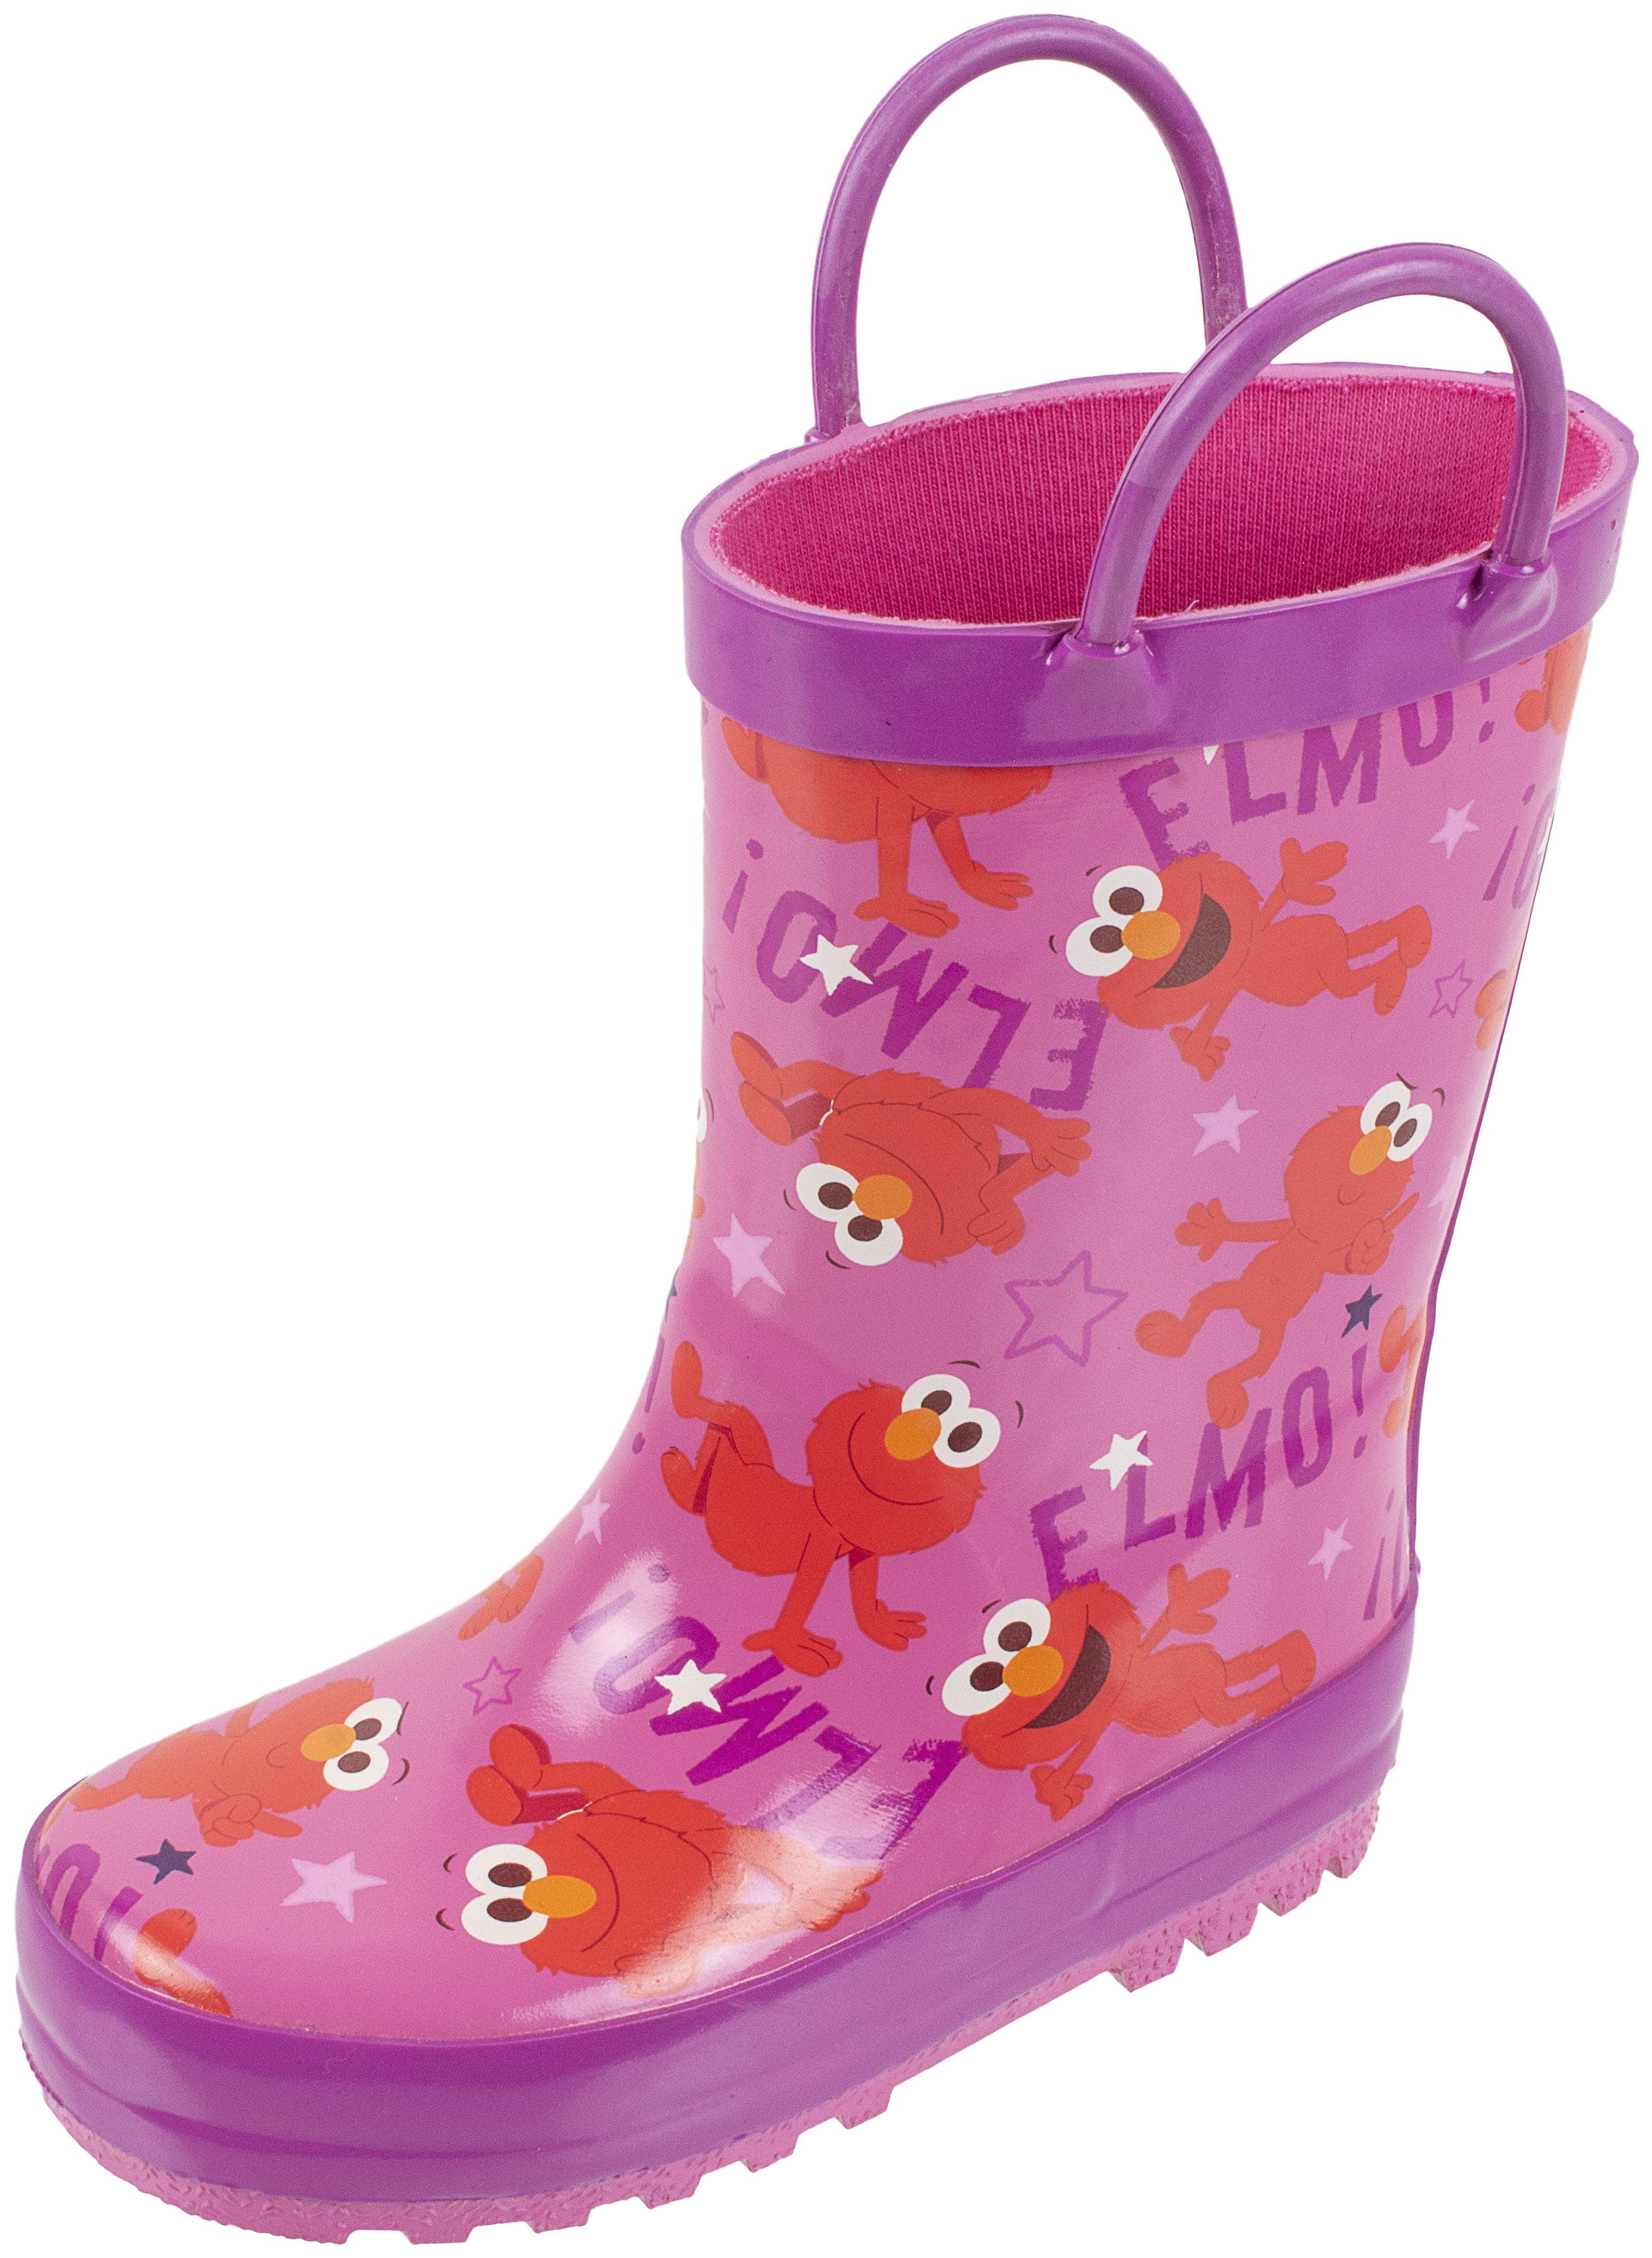 Sesame Street Elmo Boys Girls Rain Boots Toddler//Little Kid